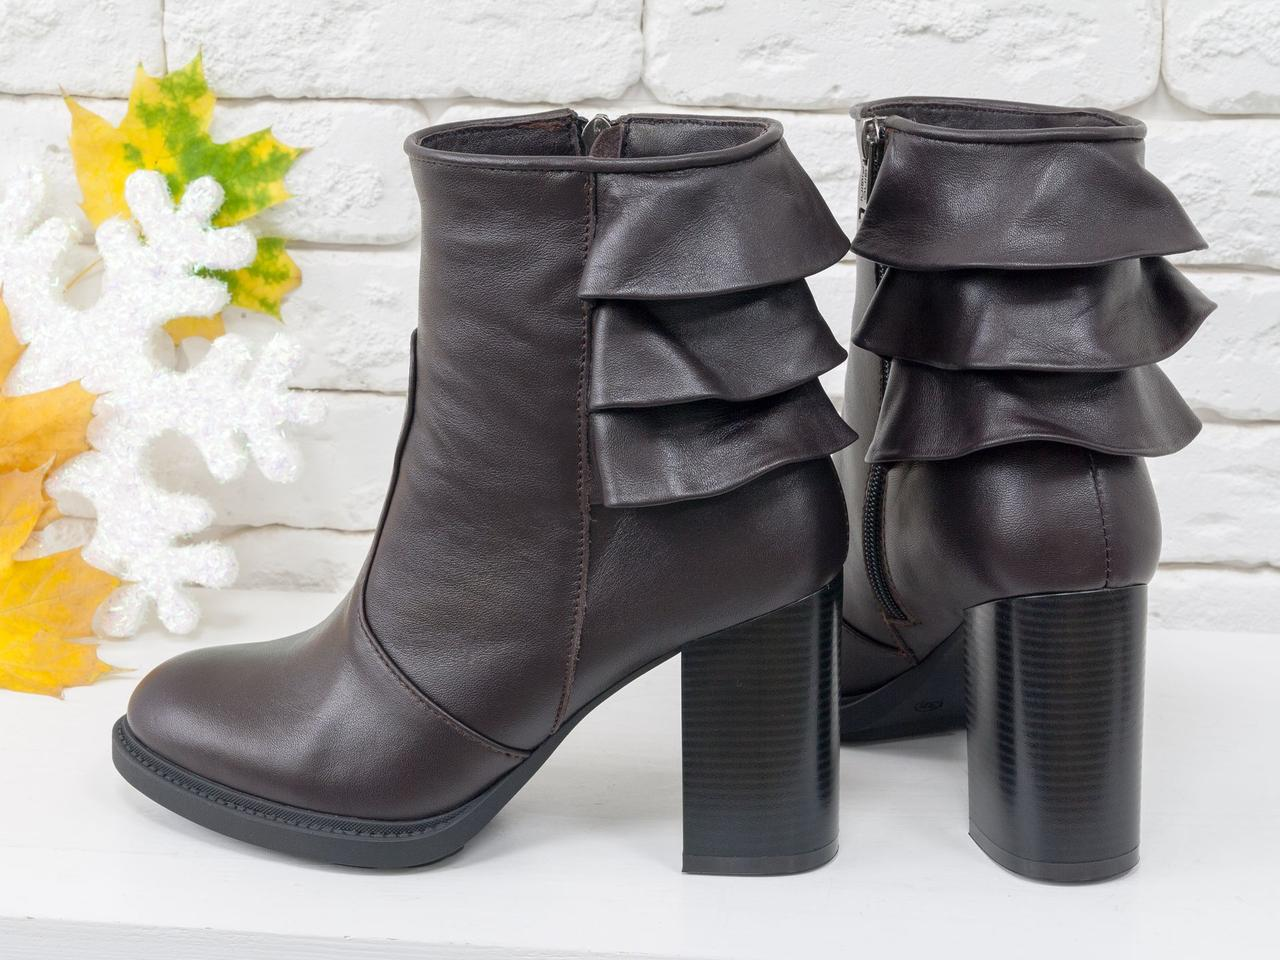 """Ботинки на устойчивом каблуке, выполнены в коричневой коже с отделкой в виде 3-х ярусной """"юбочки"""" над каблуком"""